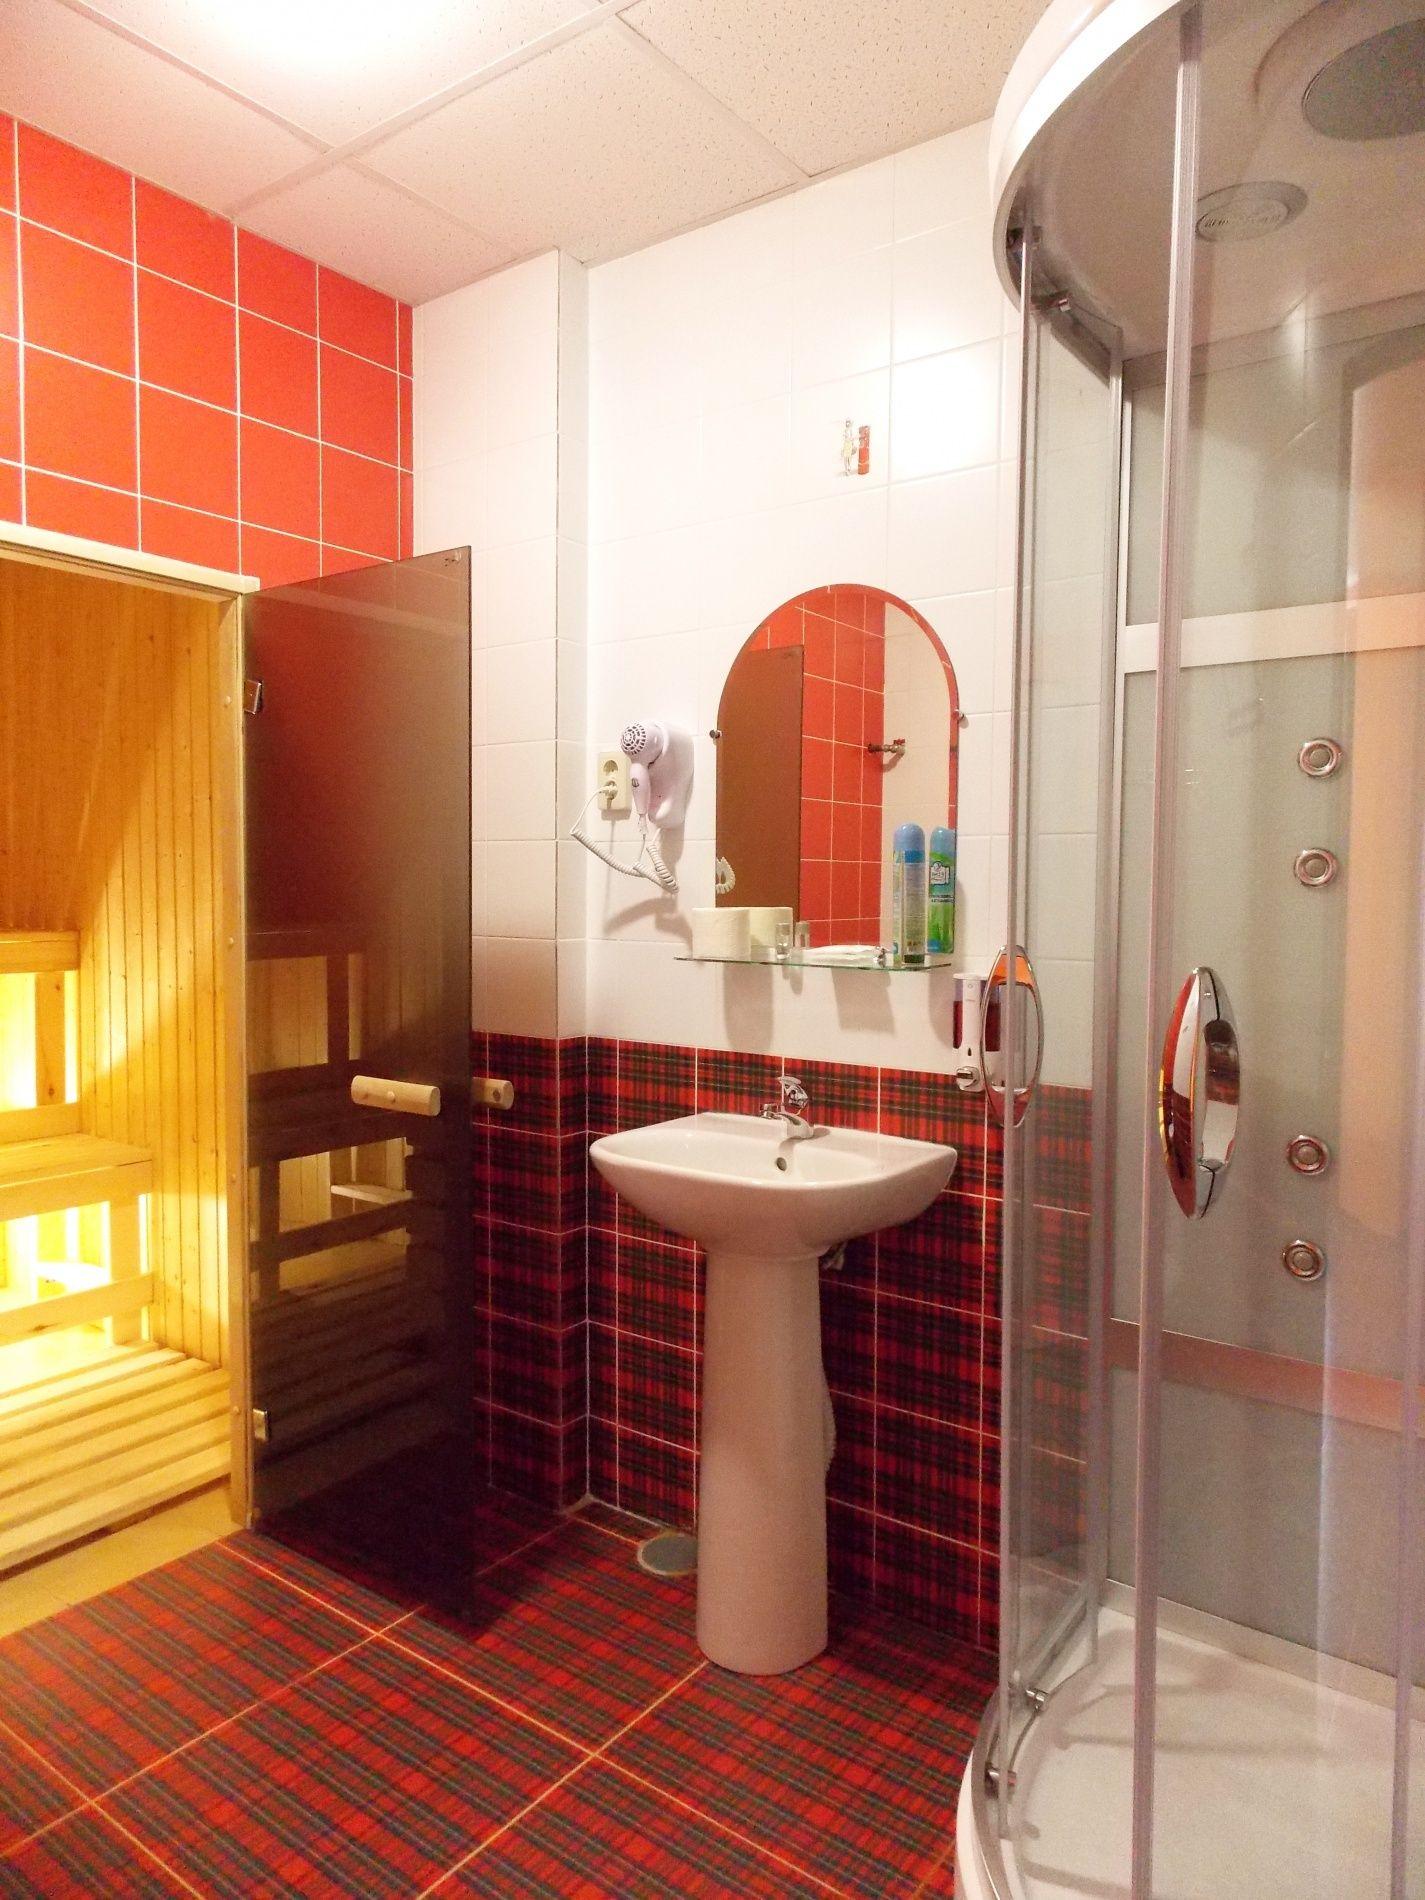 Гостиница «К-Визит Токсово» Ленинградская область Апартаменты, фото 4